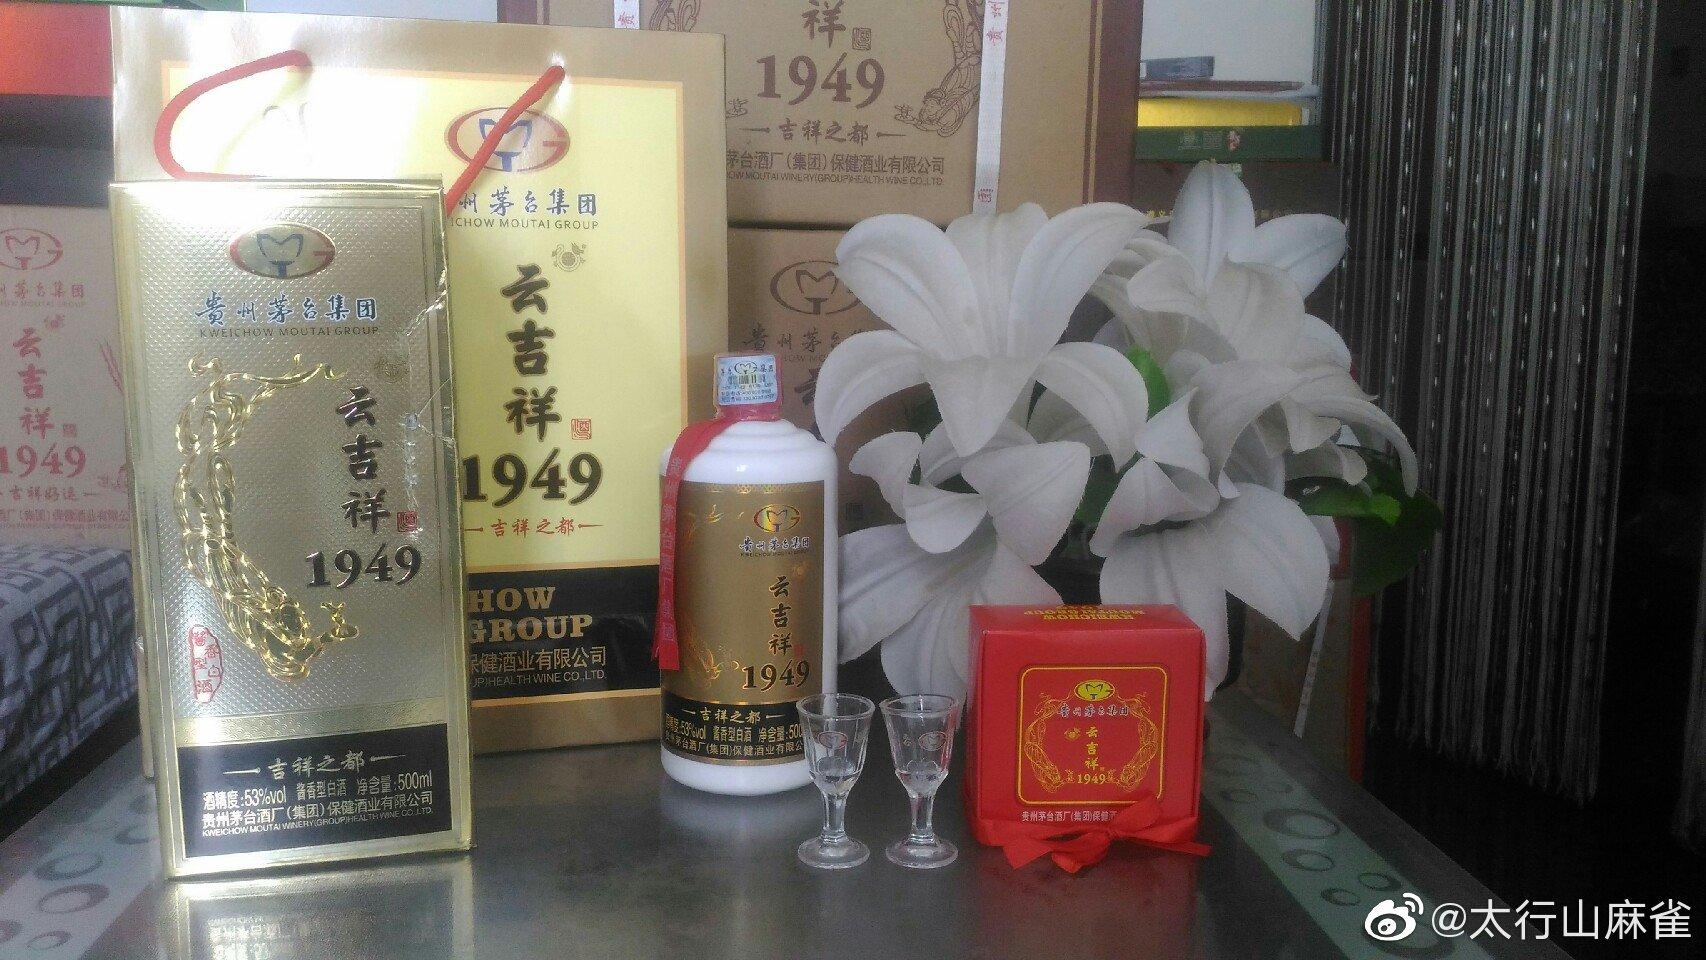 茅台酒厂1949吉祥之都酒,固态法翻沙酱香型53度,统一售价299元可打2.6折